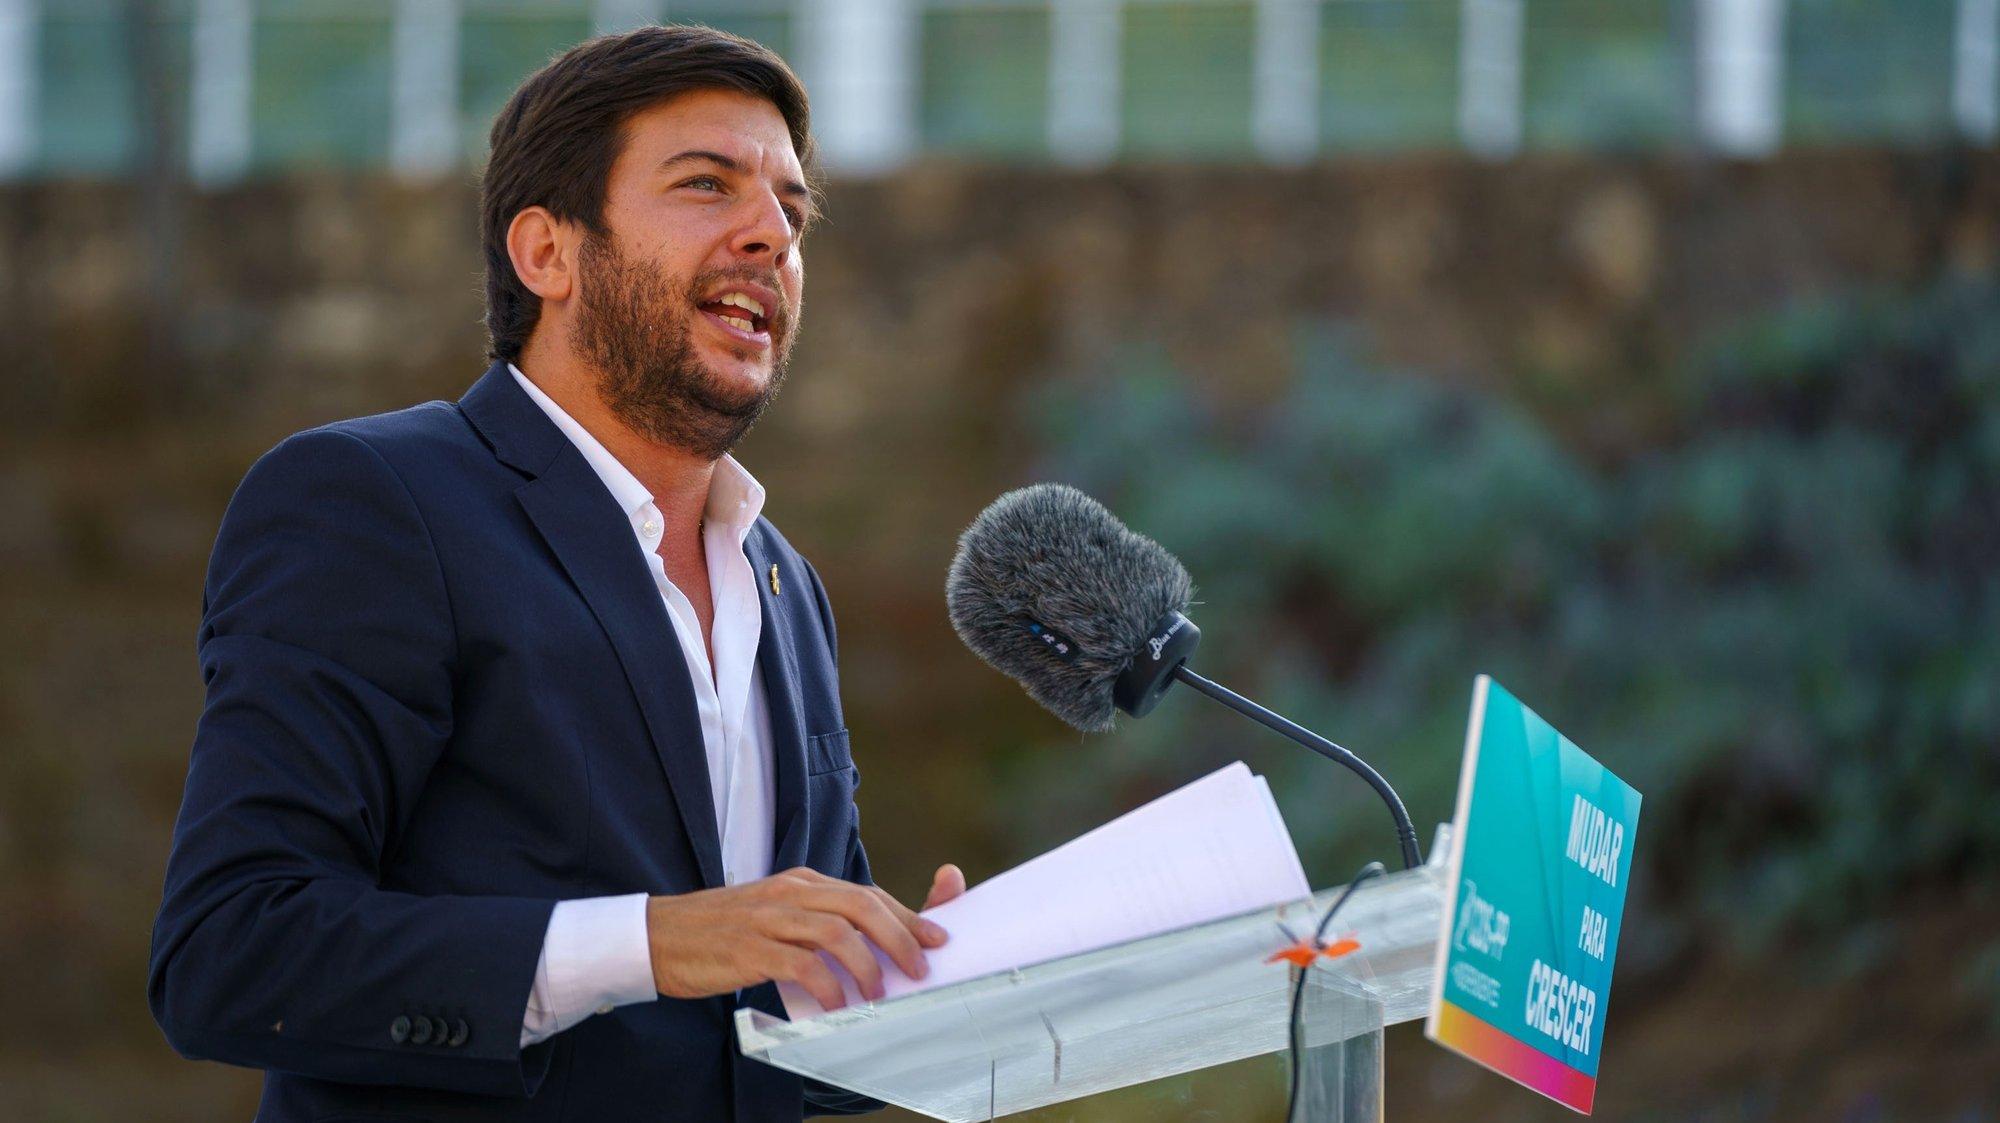 O presidente do CDS-PP, Francisco Rodrigues dos Santos, discursa durante as comemorações do 47º aniversário do partido, em Sever do Vouga, 24 de julho de 2021.  SÉRGIO AZENHA/LUSA